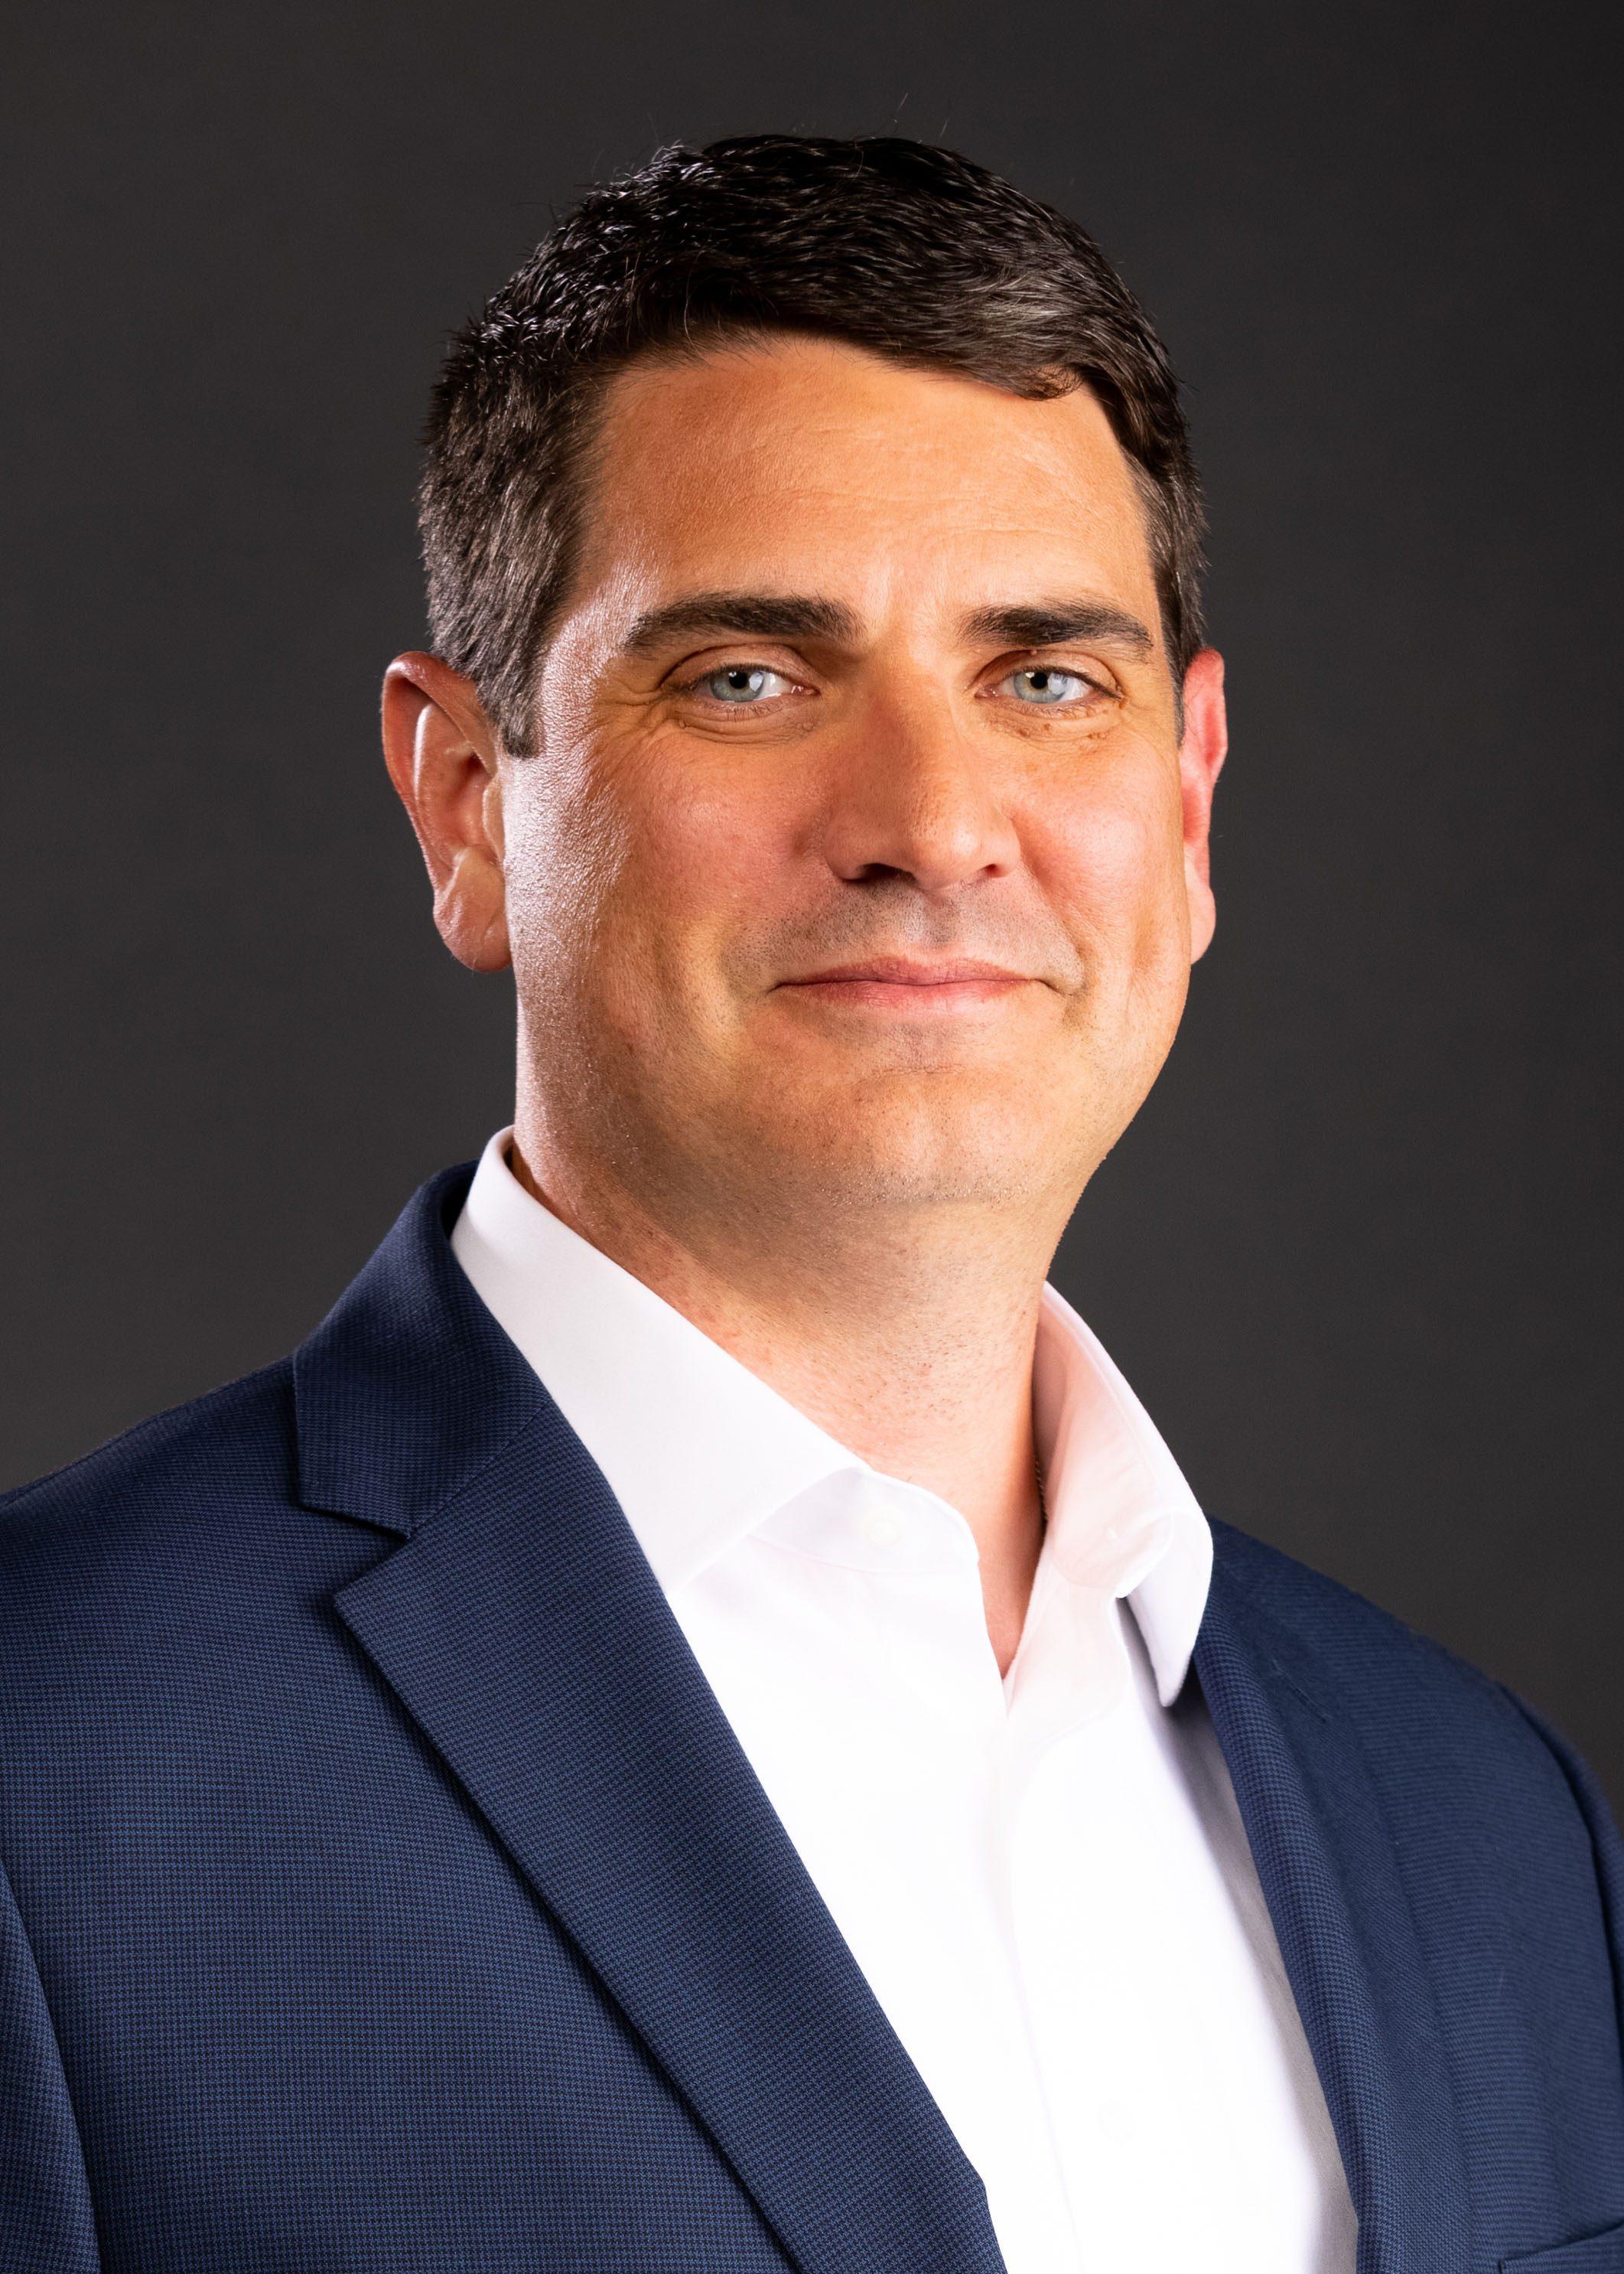 Todd Bigger profile picture